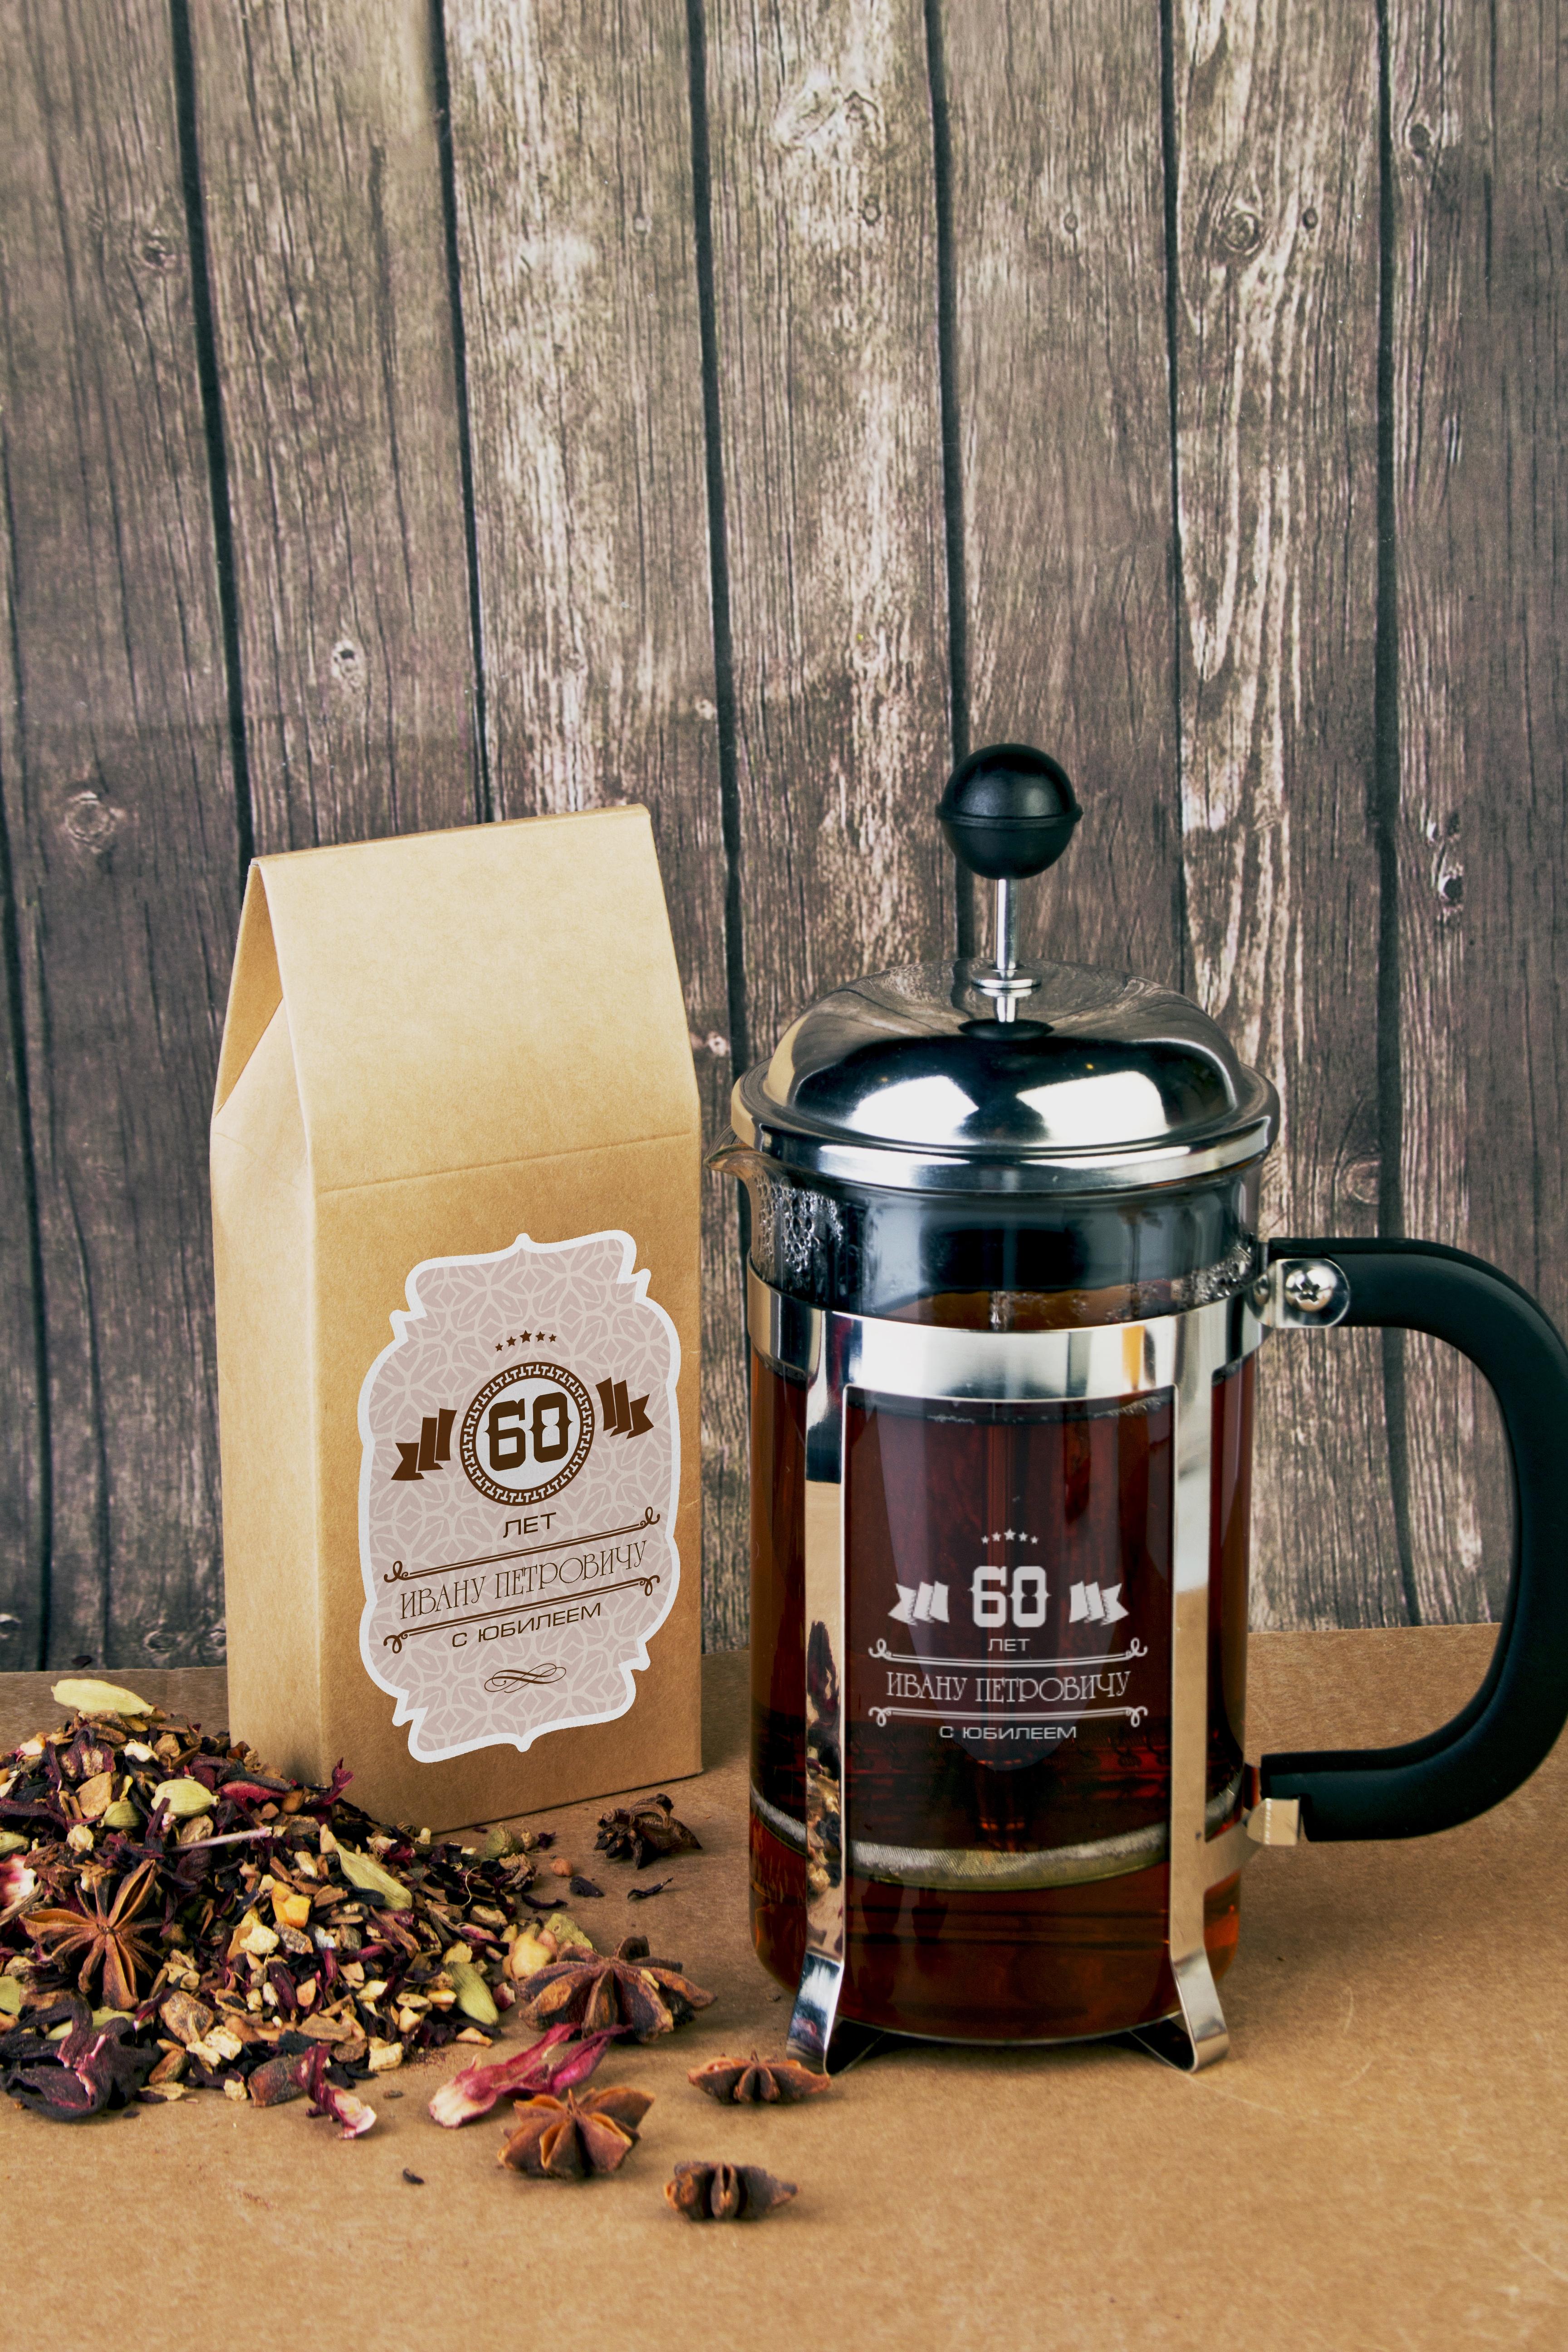 Набор для чая подарочный с Вашим текстом С ЮбилеемПодарки на день рождения<br>Набор подарочный: Чай черный 100гр, чайник френч-пресс с нанесением текста<br>